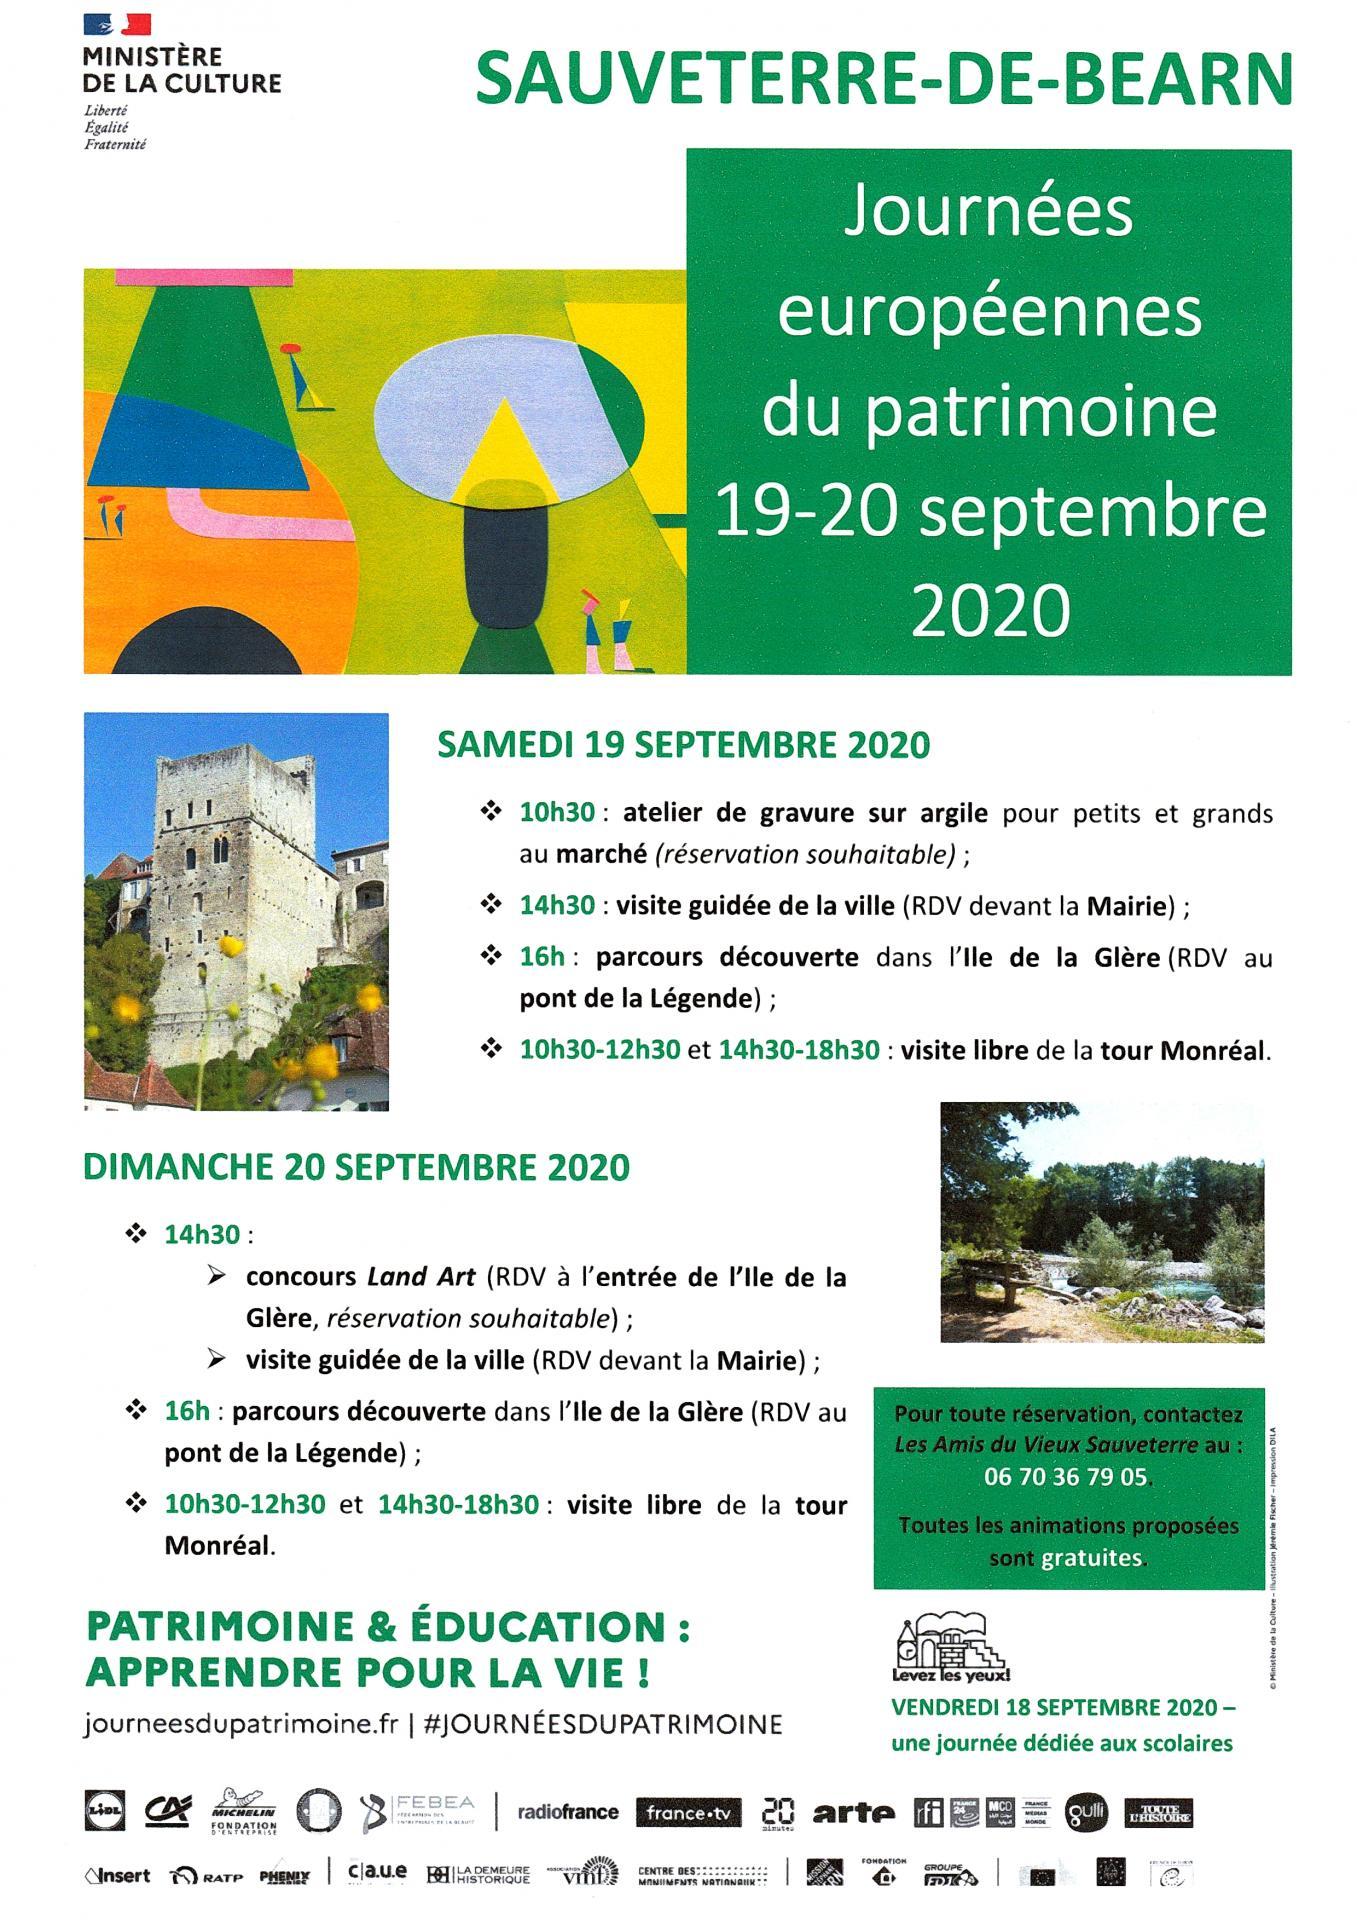 Affiche Journées Europeennes du Patrimoine 2020